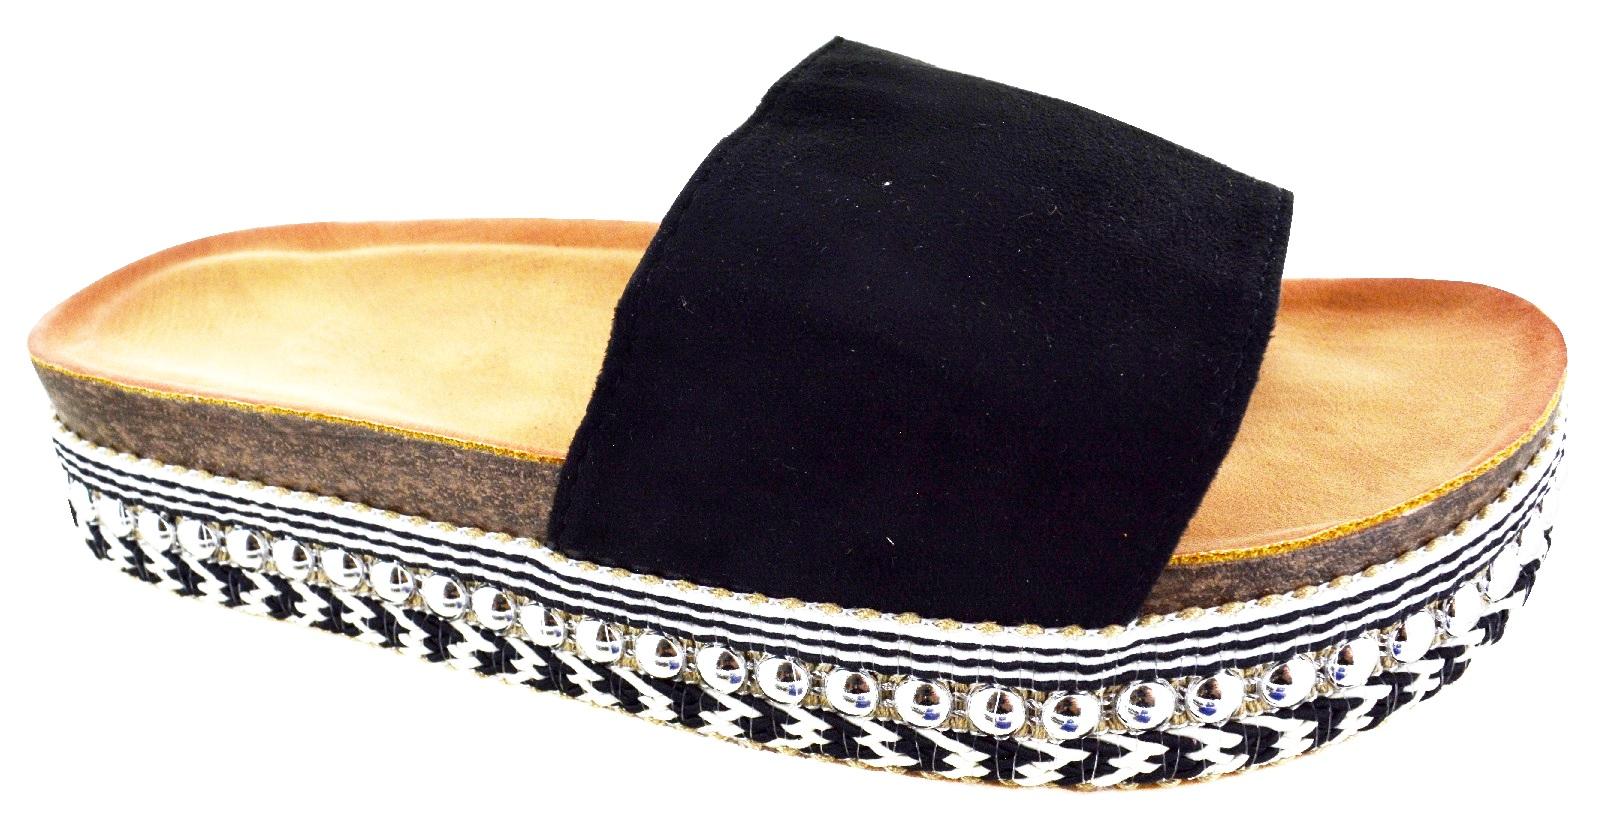 LADIES WOMENS FLATFORM LOW HEEL WEDGE SUMMER PEARLS STUDS SLIP ON SANDALS SHOES